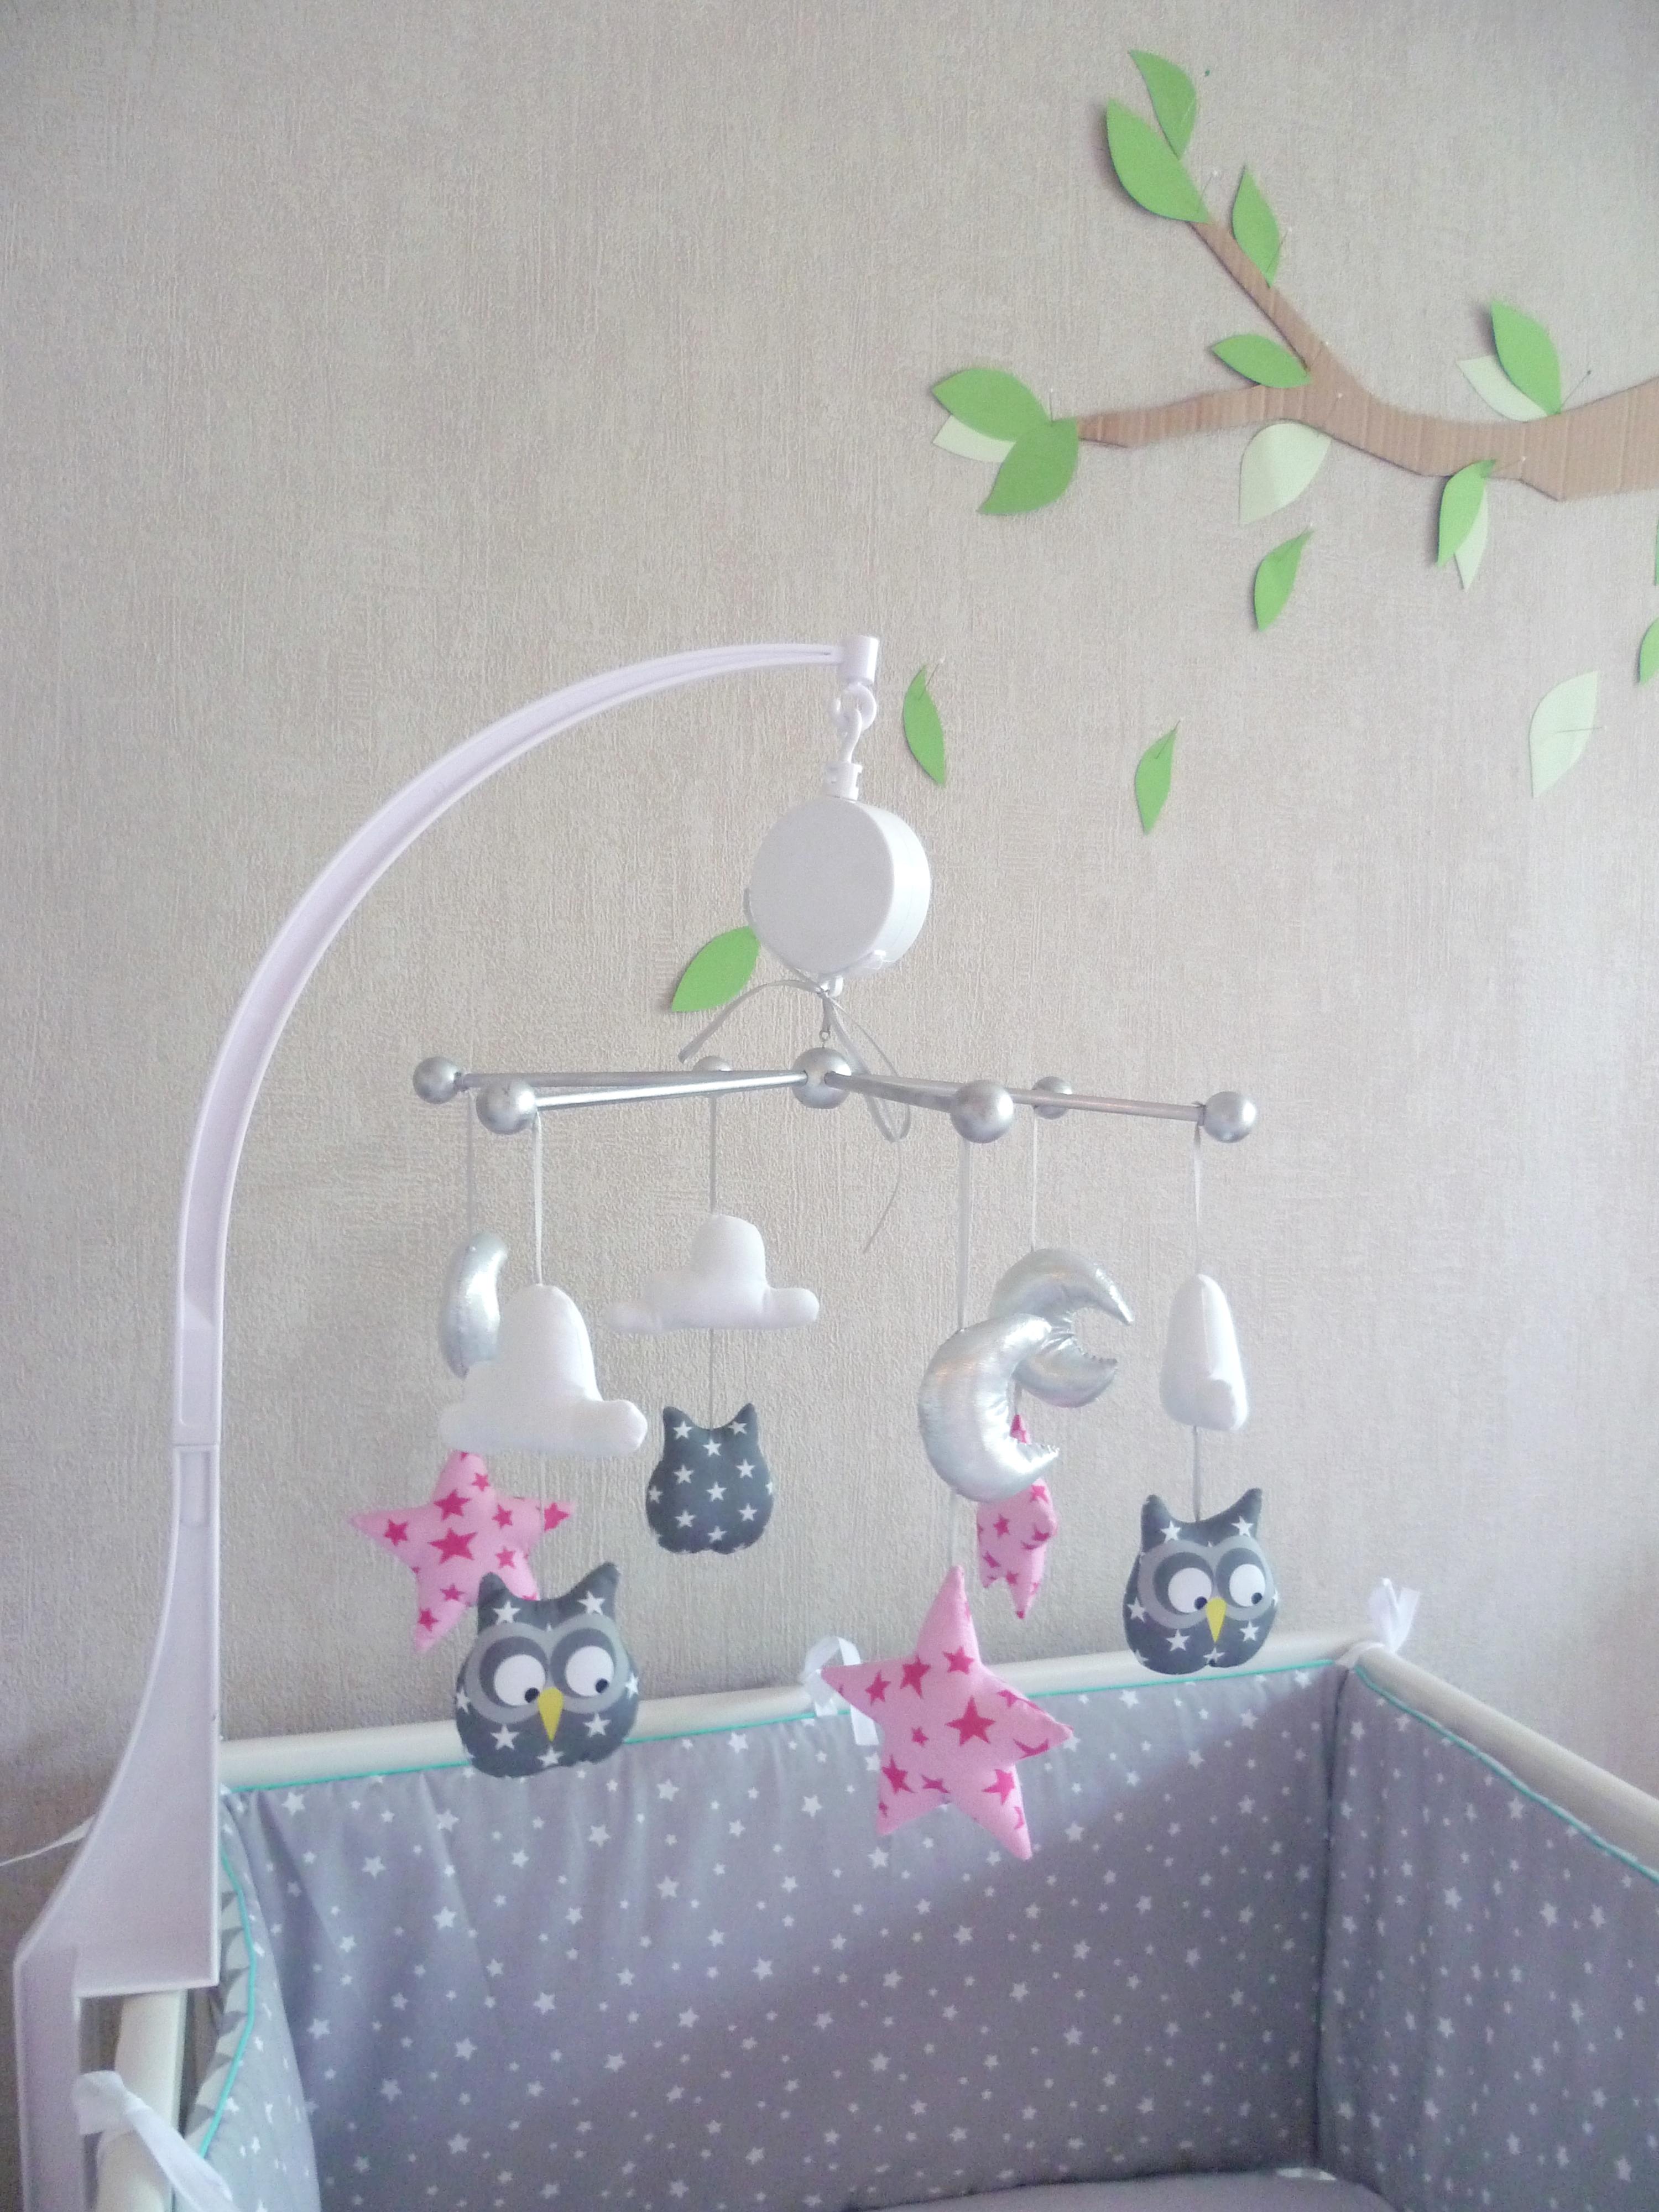 mobile b b birds hiboux gris rose guili gribouilli linge de lit et de d co pour enfant. Black Bedroom Furniture Sets. Home Design Ideas